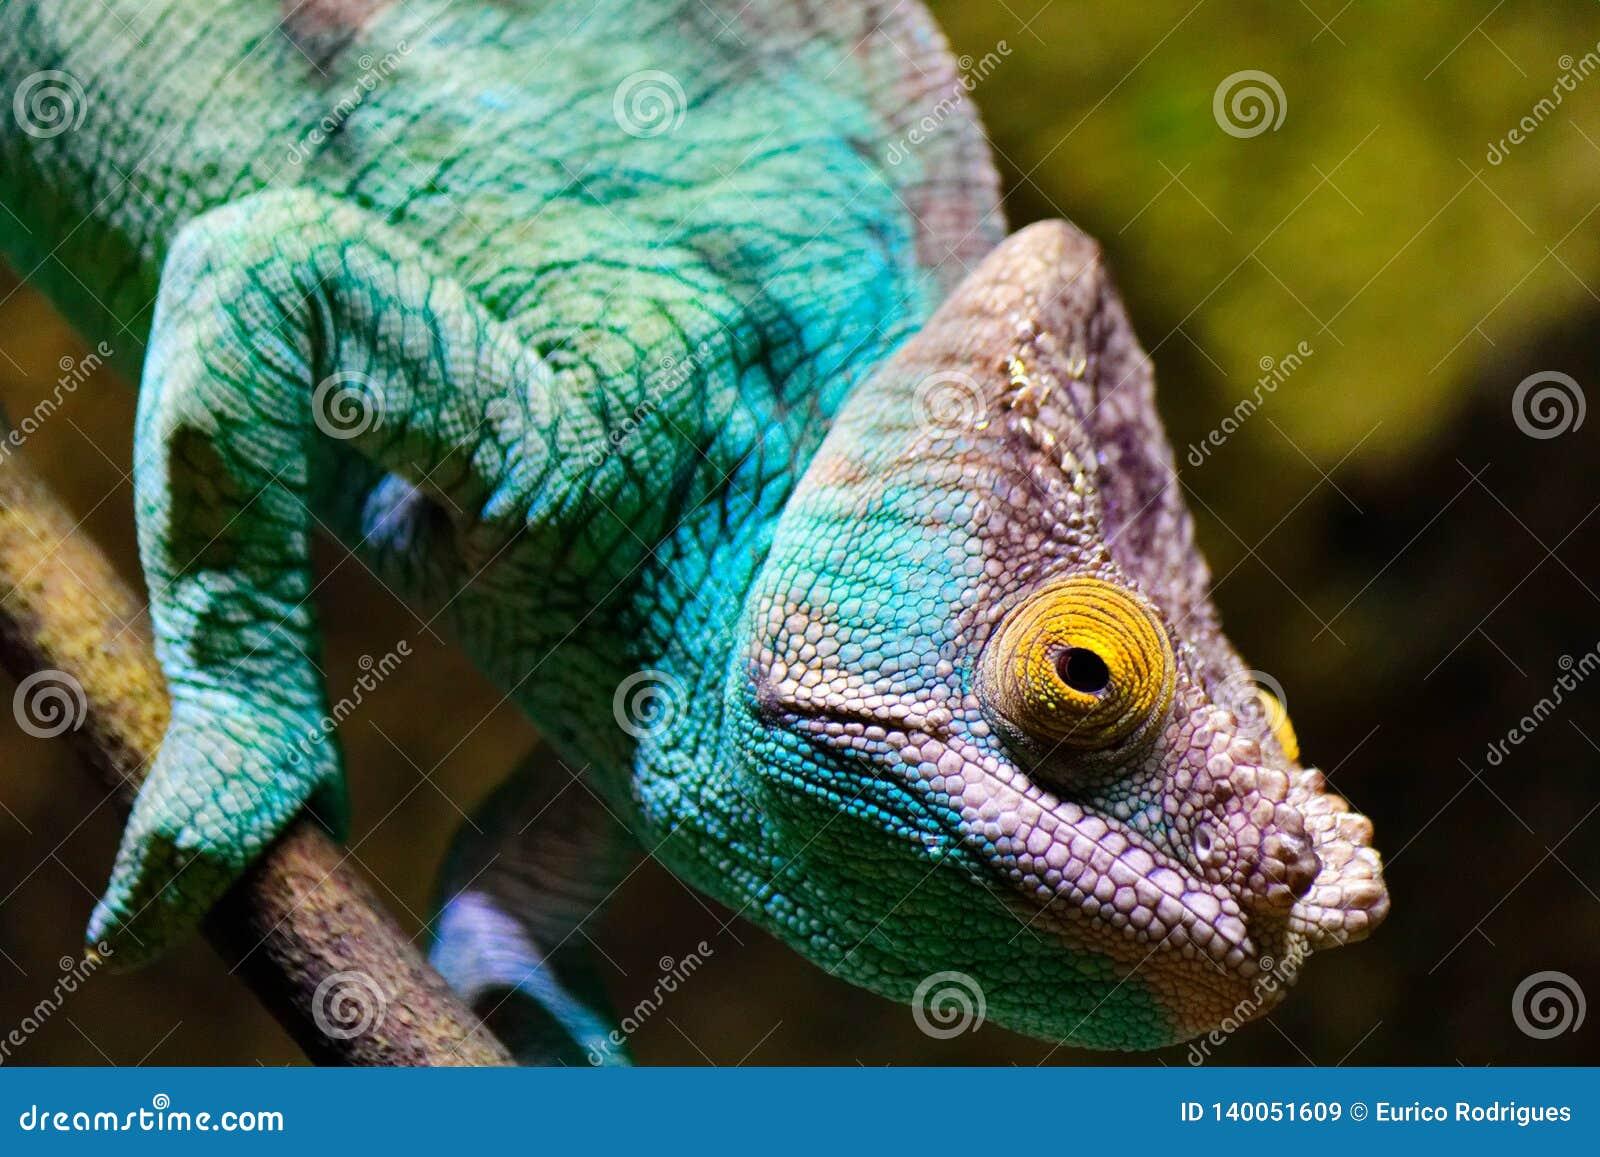 Caméléon, vision stéréoscopique, bleu de turquoise et pourpre